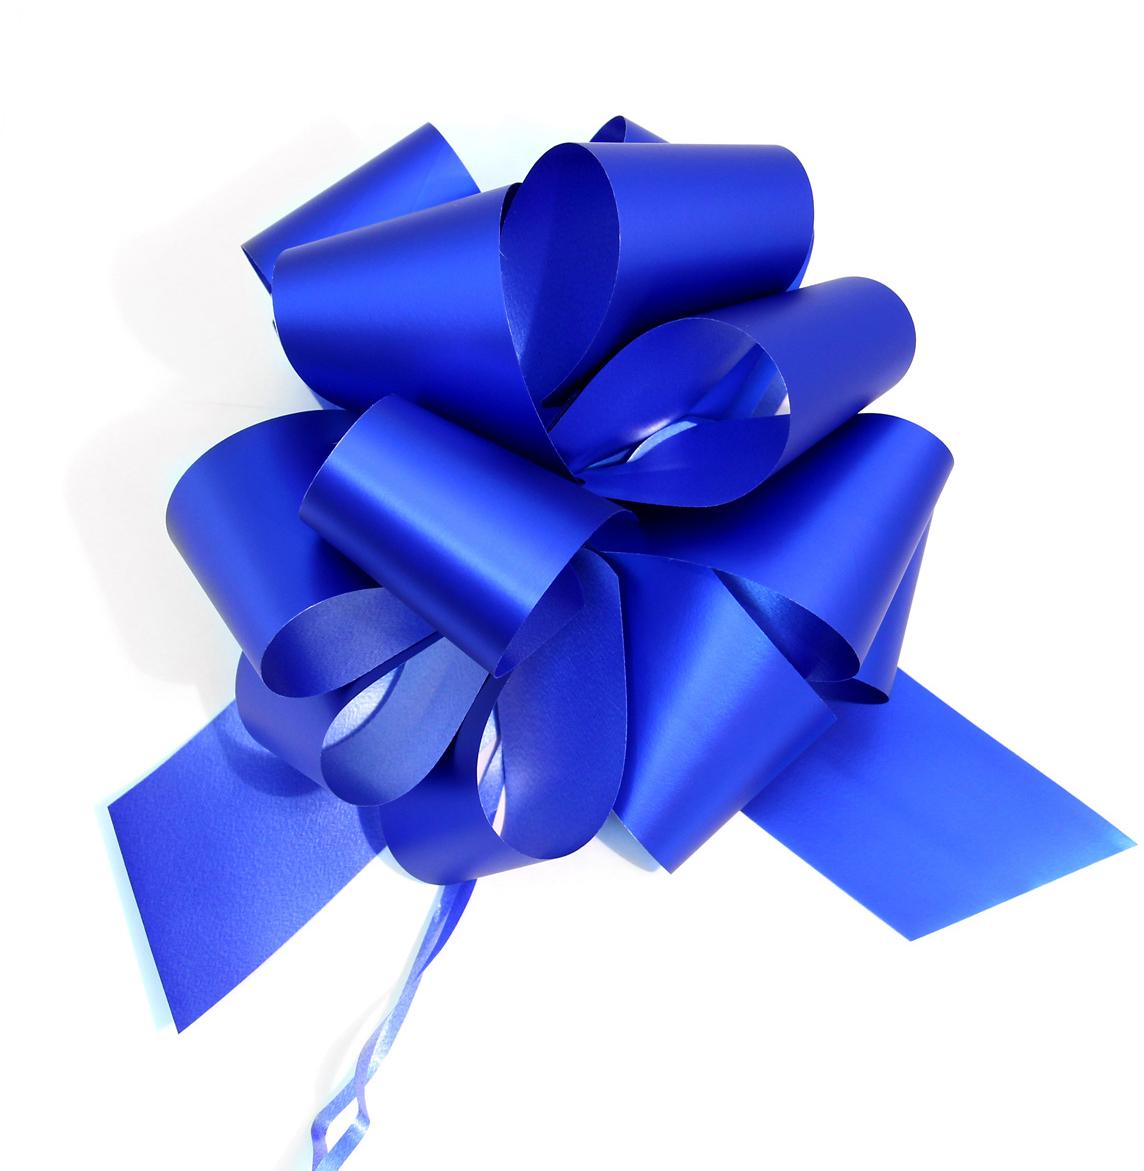 Бант упаковочный Veld-Co Шар, цвет: синий, 5 х 148 см, 10 шт набор упакокочных лент veld co цвет разноцветный 0 5 см х 4 м 6 шт